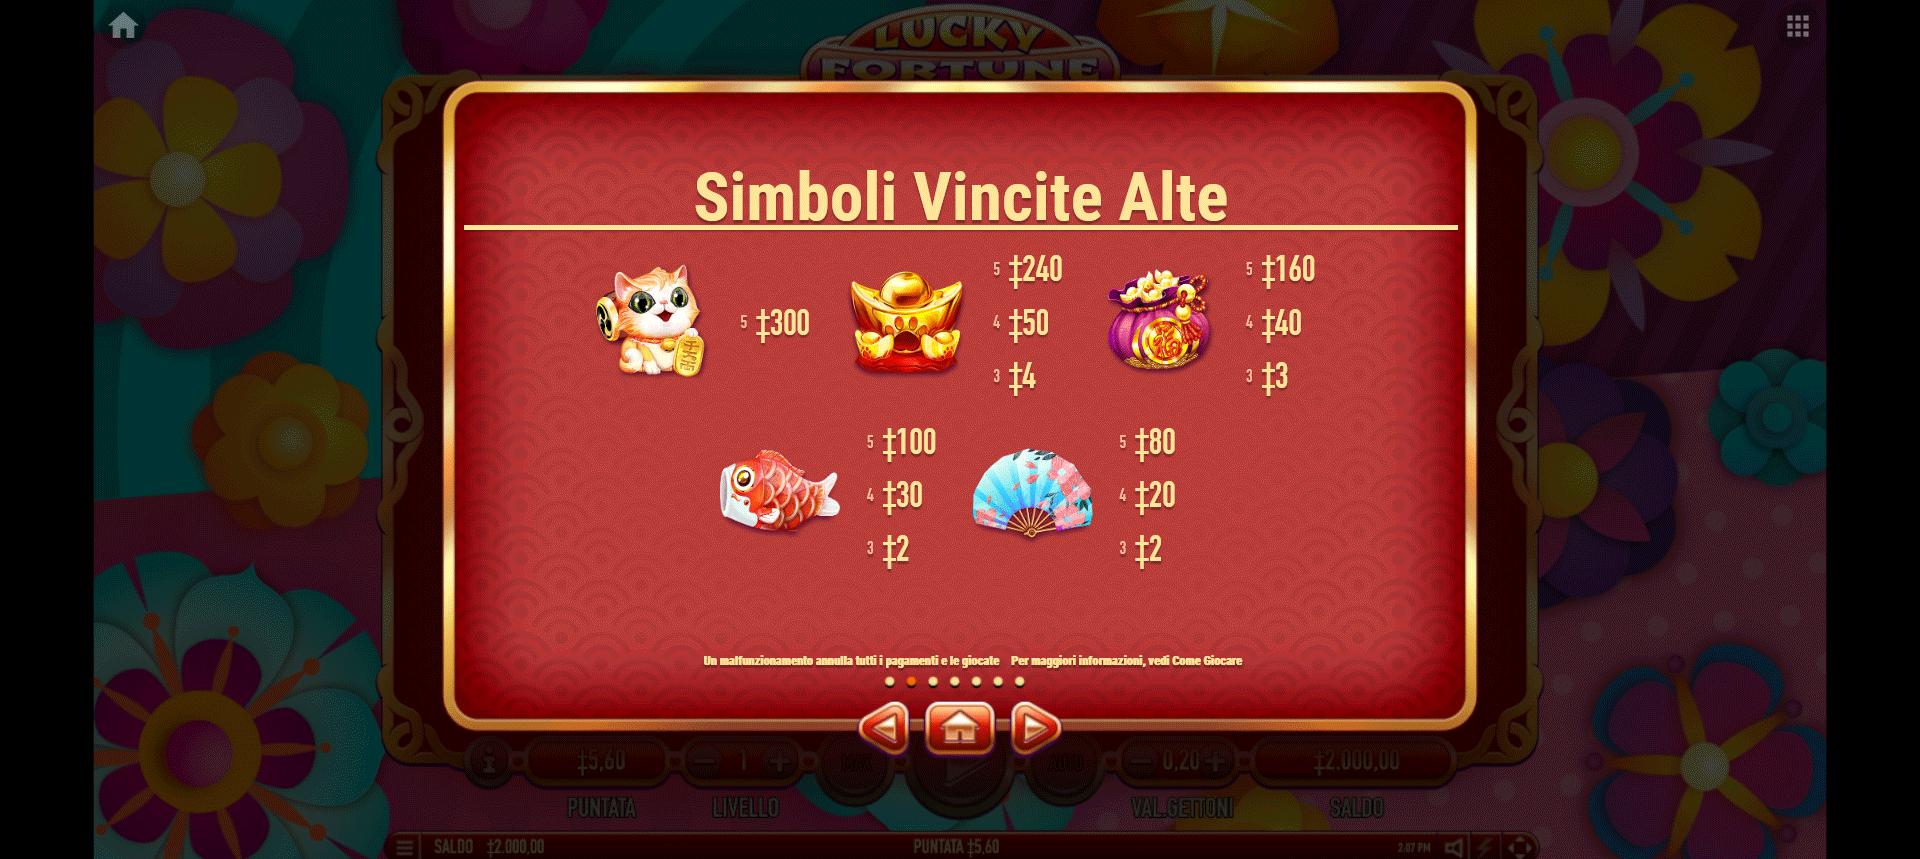 tabella dei simboli della slot machine lucky fortune cat